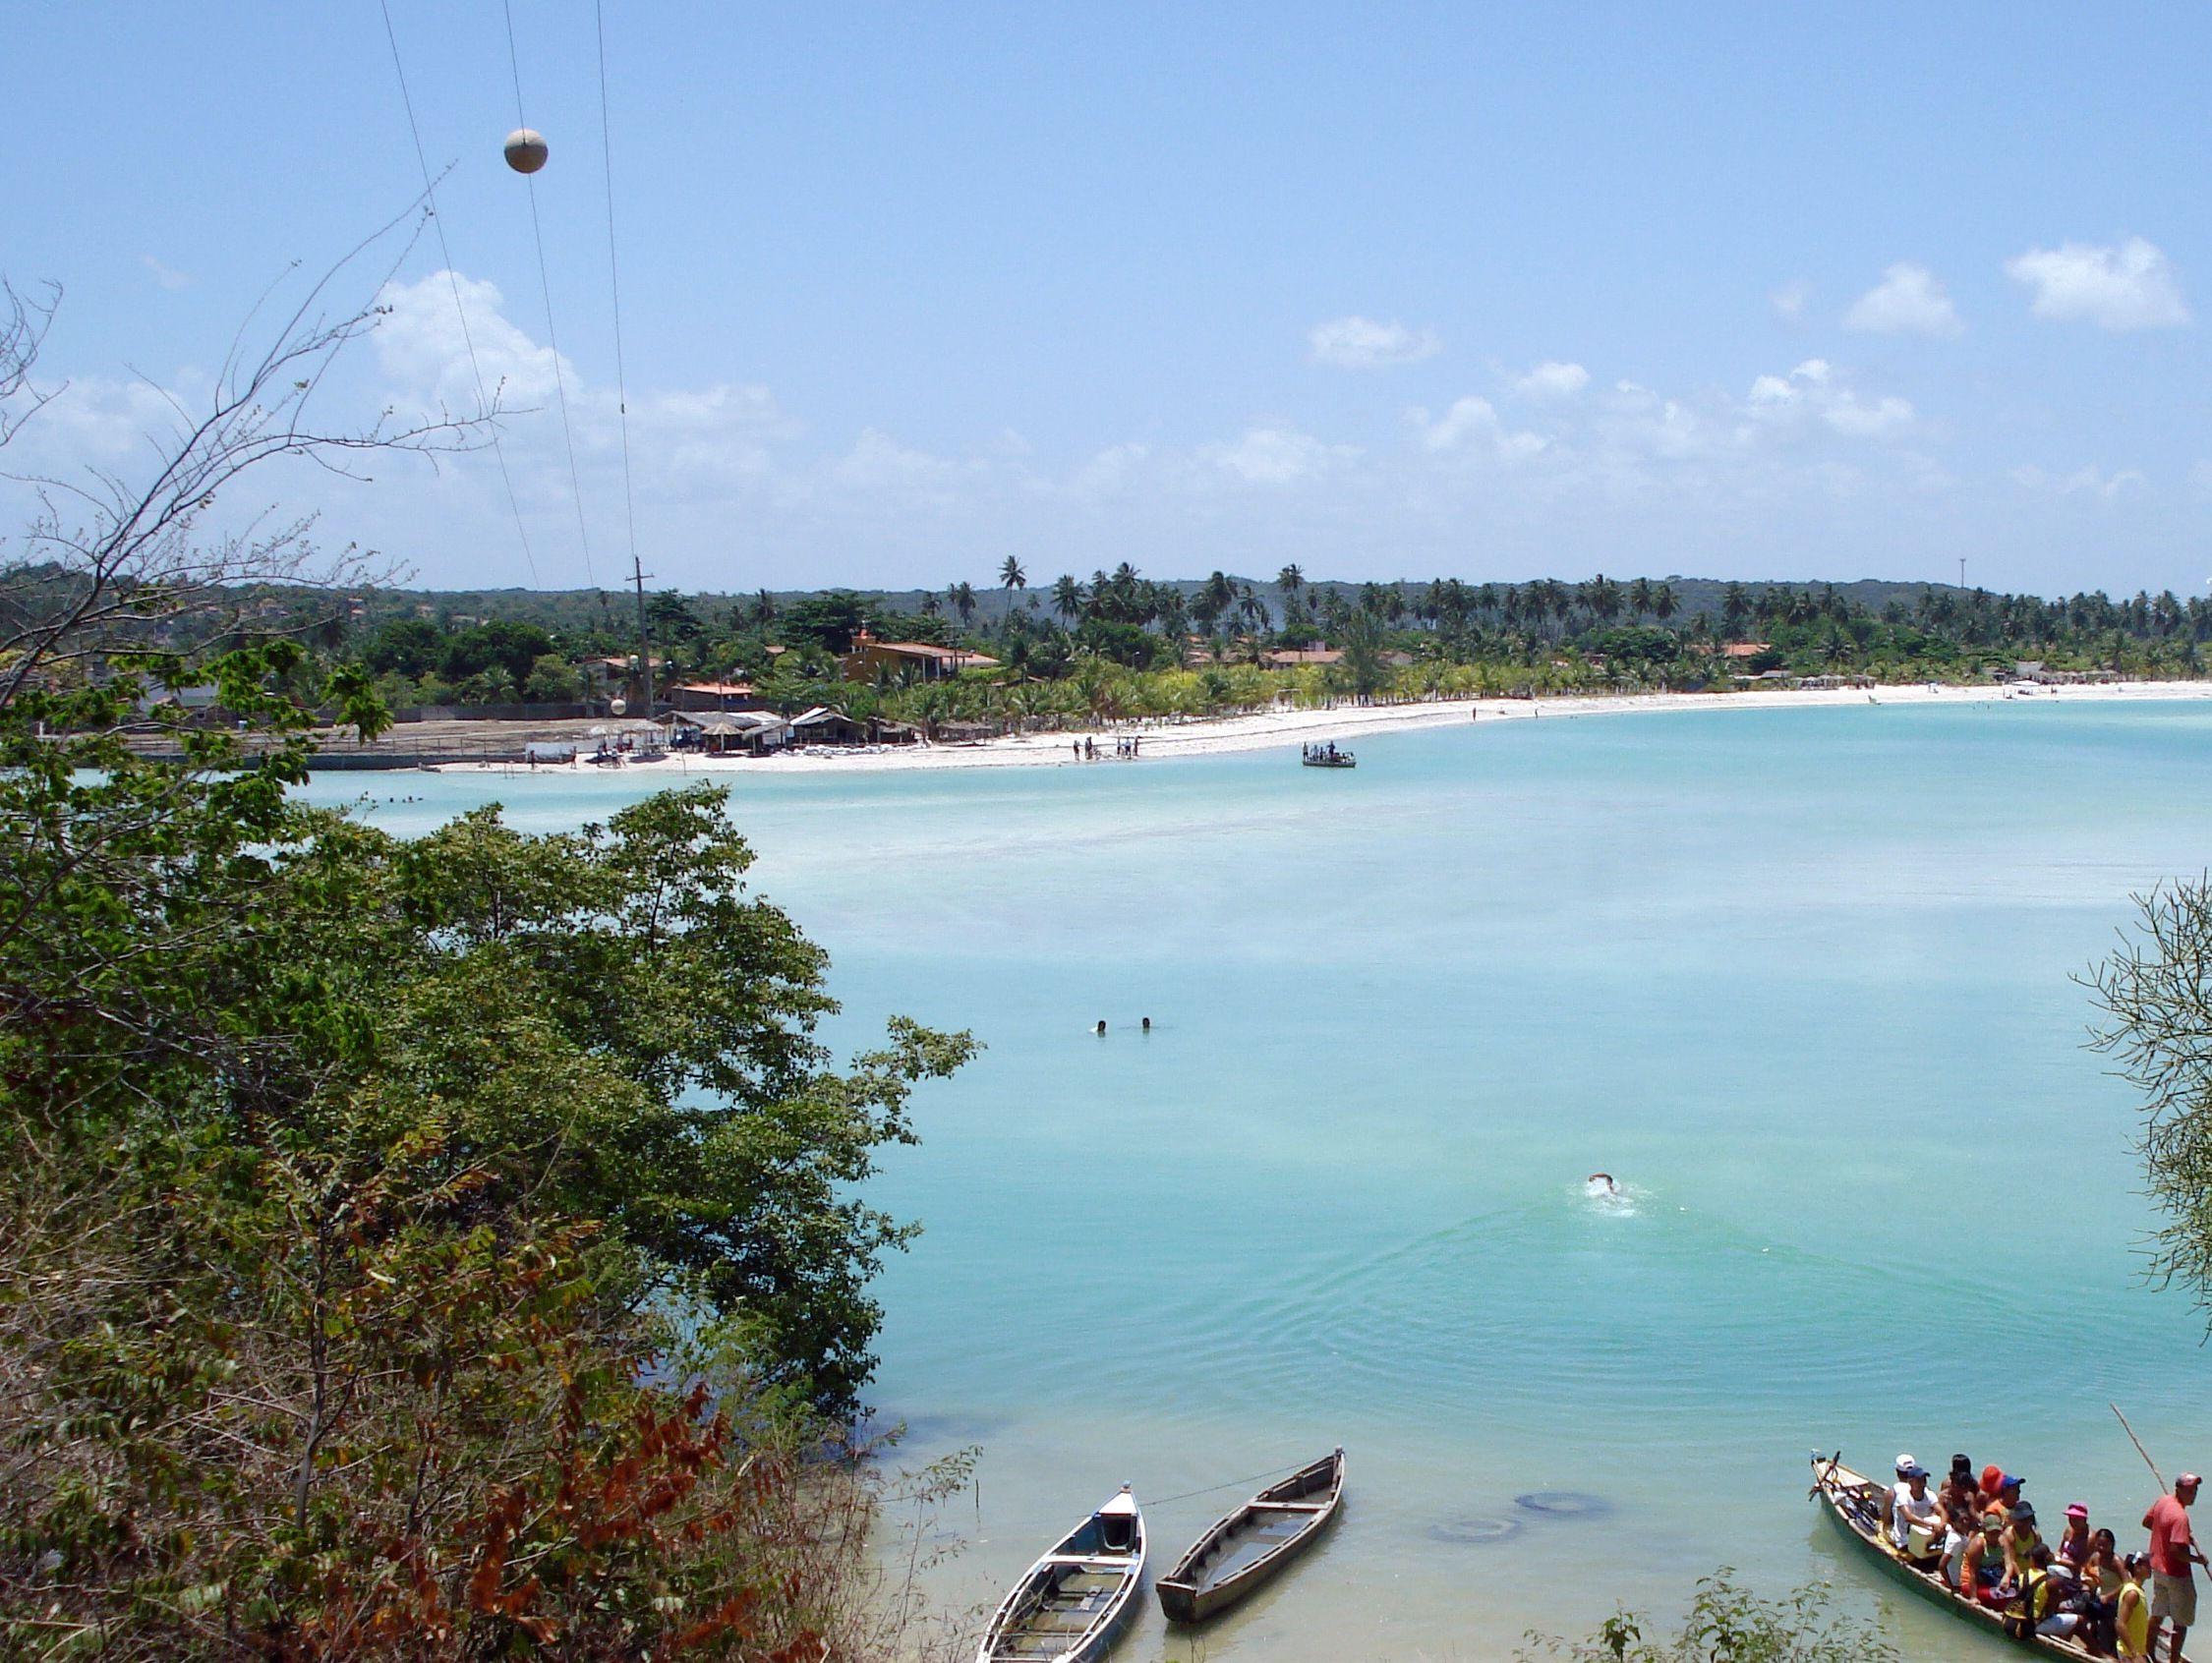 * Ilha de Itamaracá * Estuário. Área: 66,68 Km². # Estado de Pernambuco, Brasil.